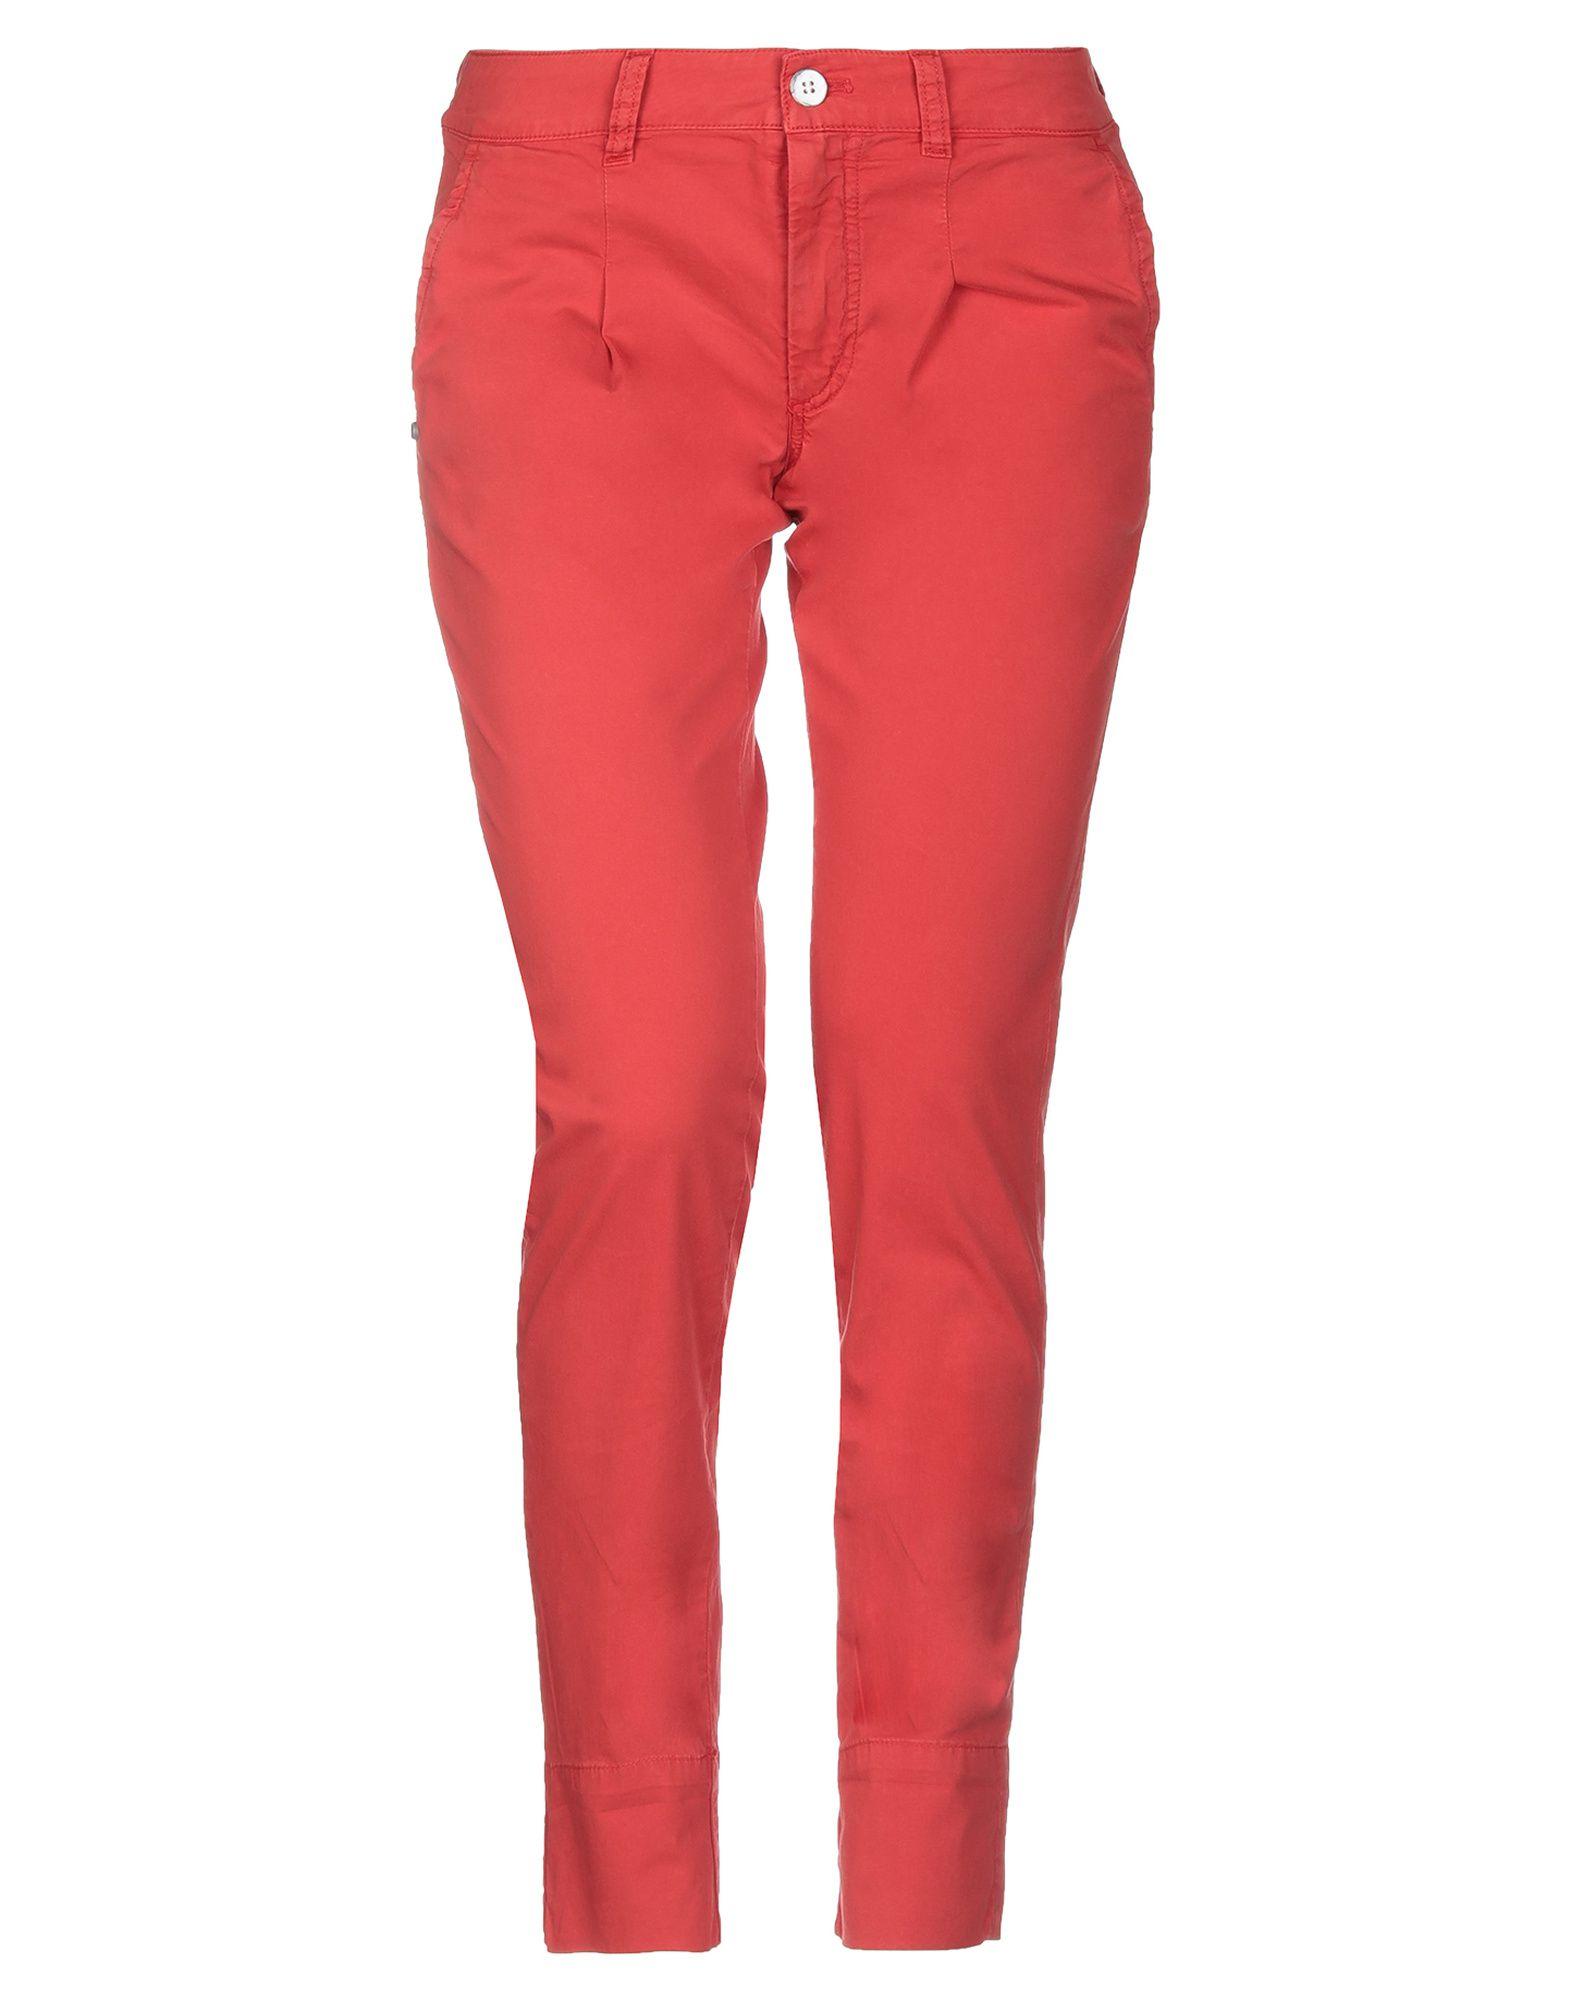 Pantalone Pantalone Pantalone Mason's donna - 13283943ER 5c5